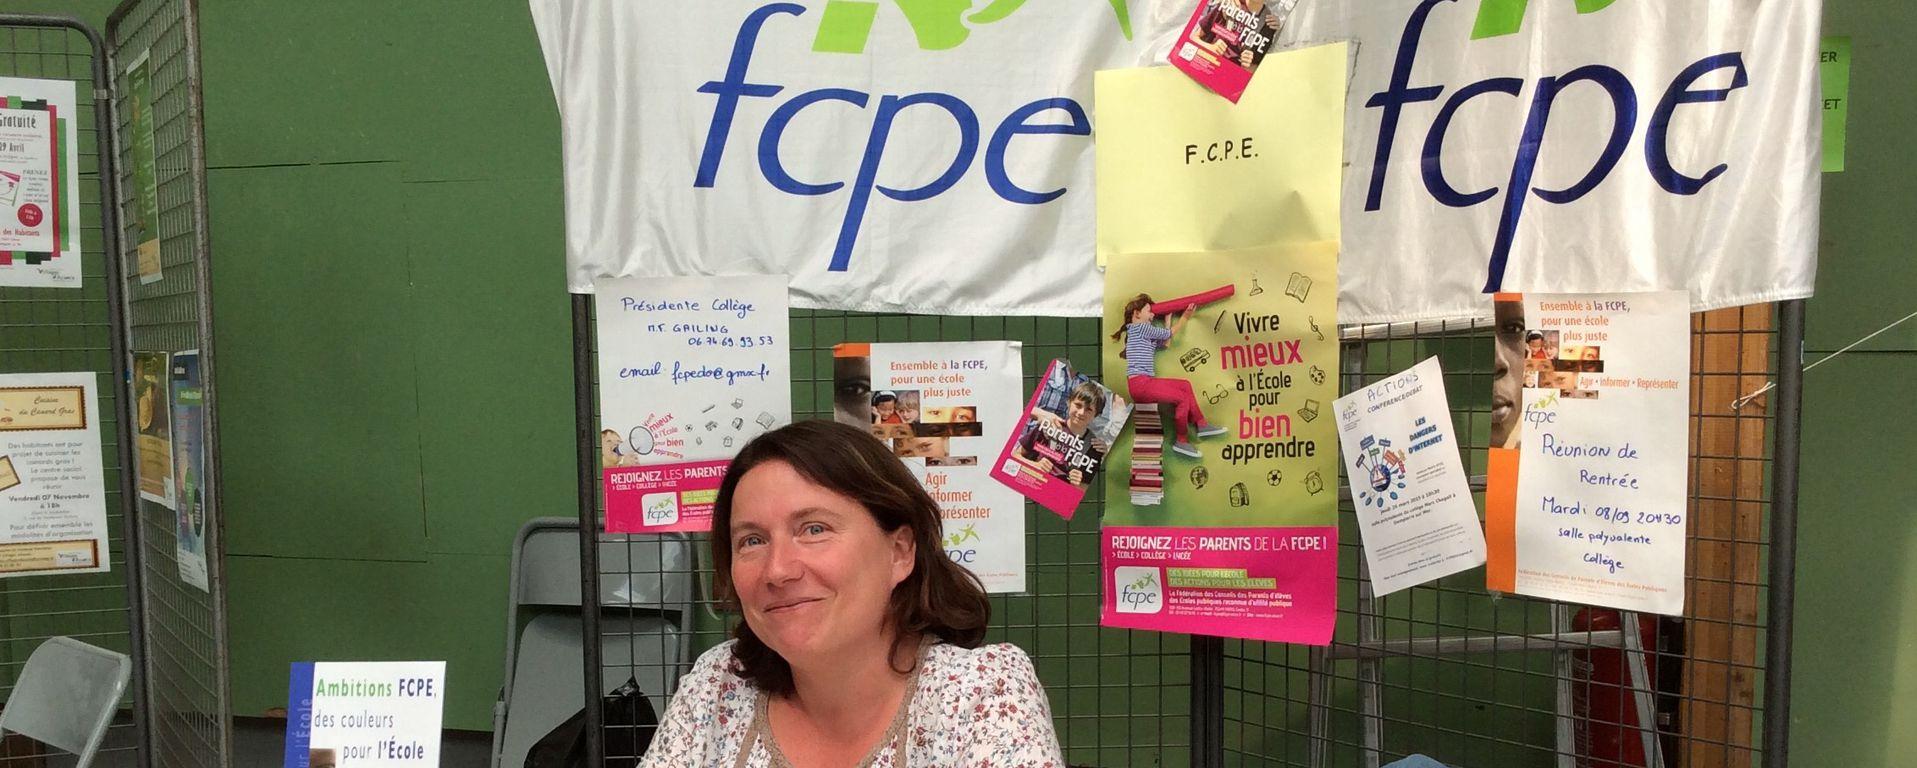 La FCPE lors du Forum Associatif en 2015 (Copyright - Mairie de Dompierre sur Mer)